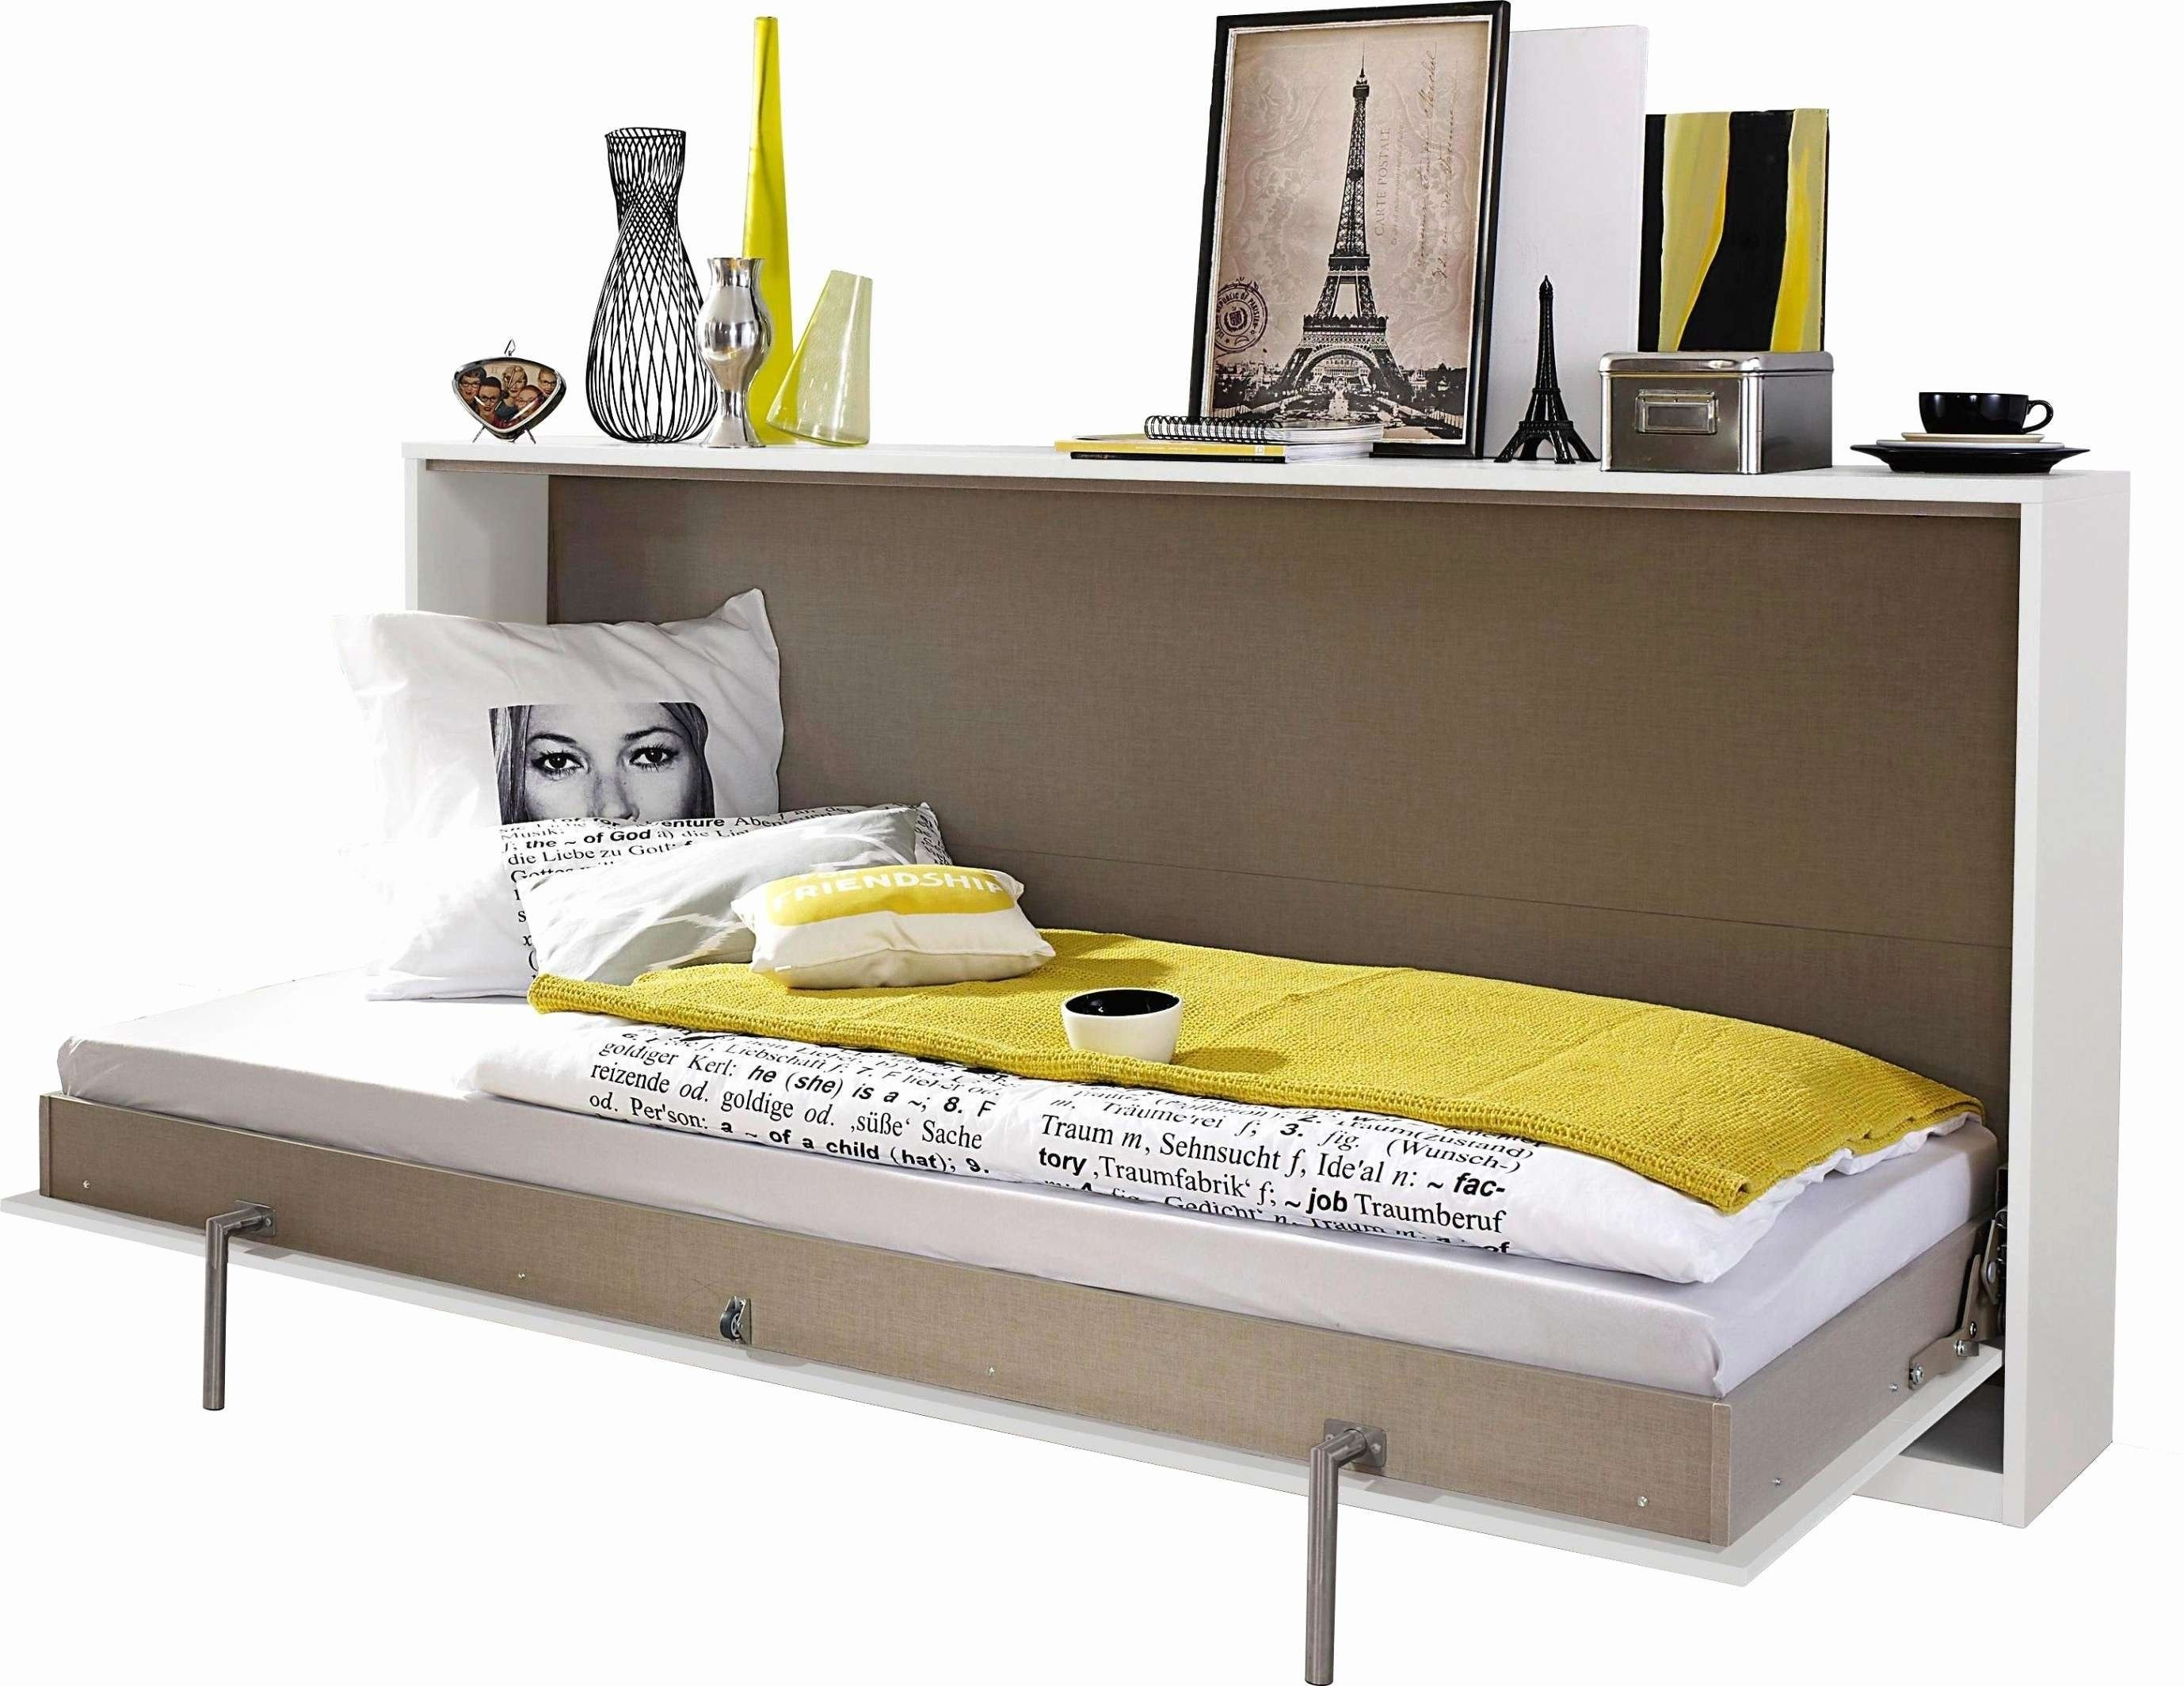 Alinea Lit Bebe Magnifique étourdissant Armoire Lit Ikea Sur The 25 Unique Ikea Kritter Bed